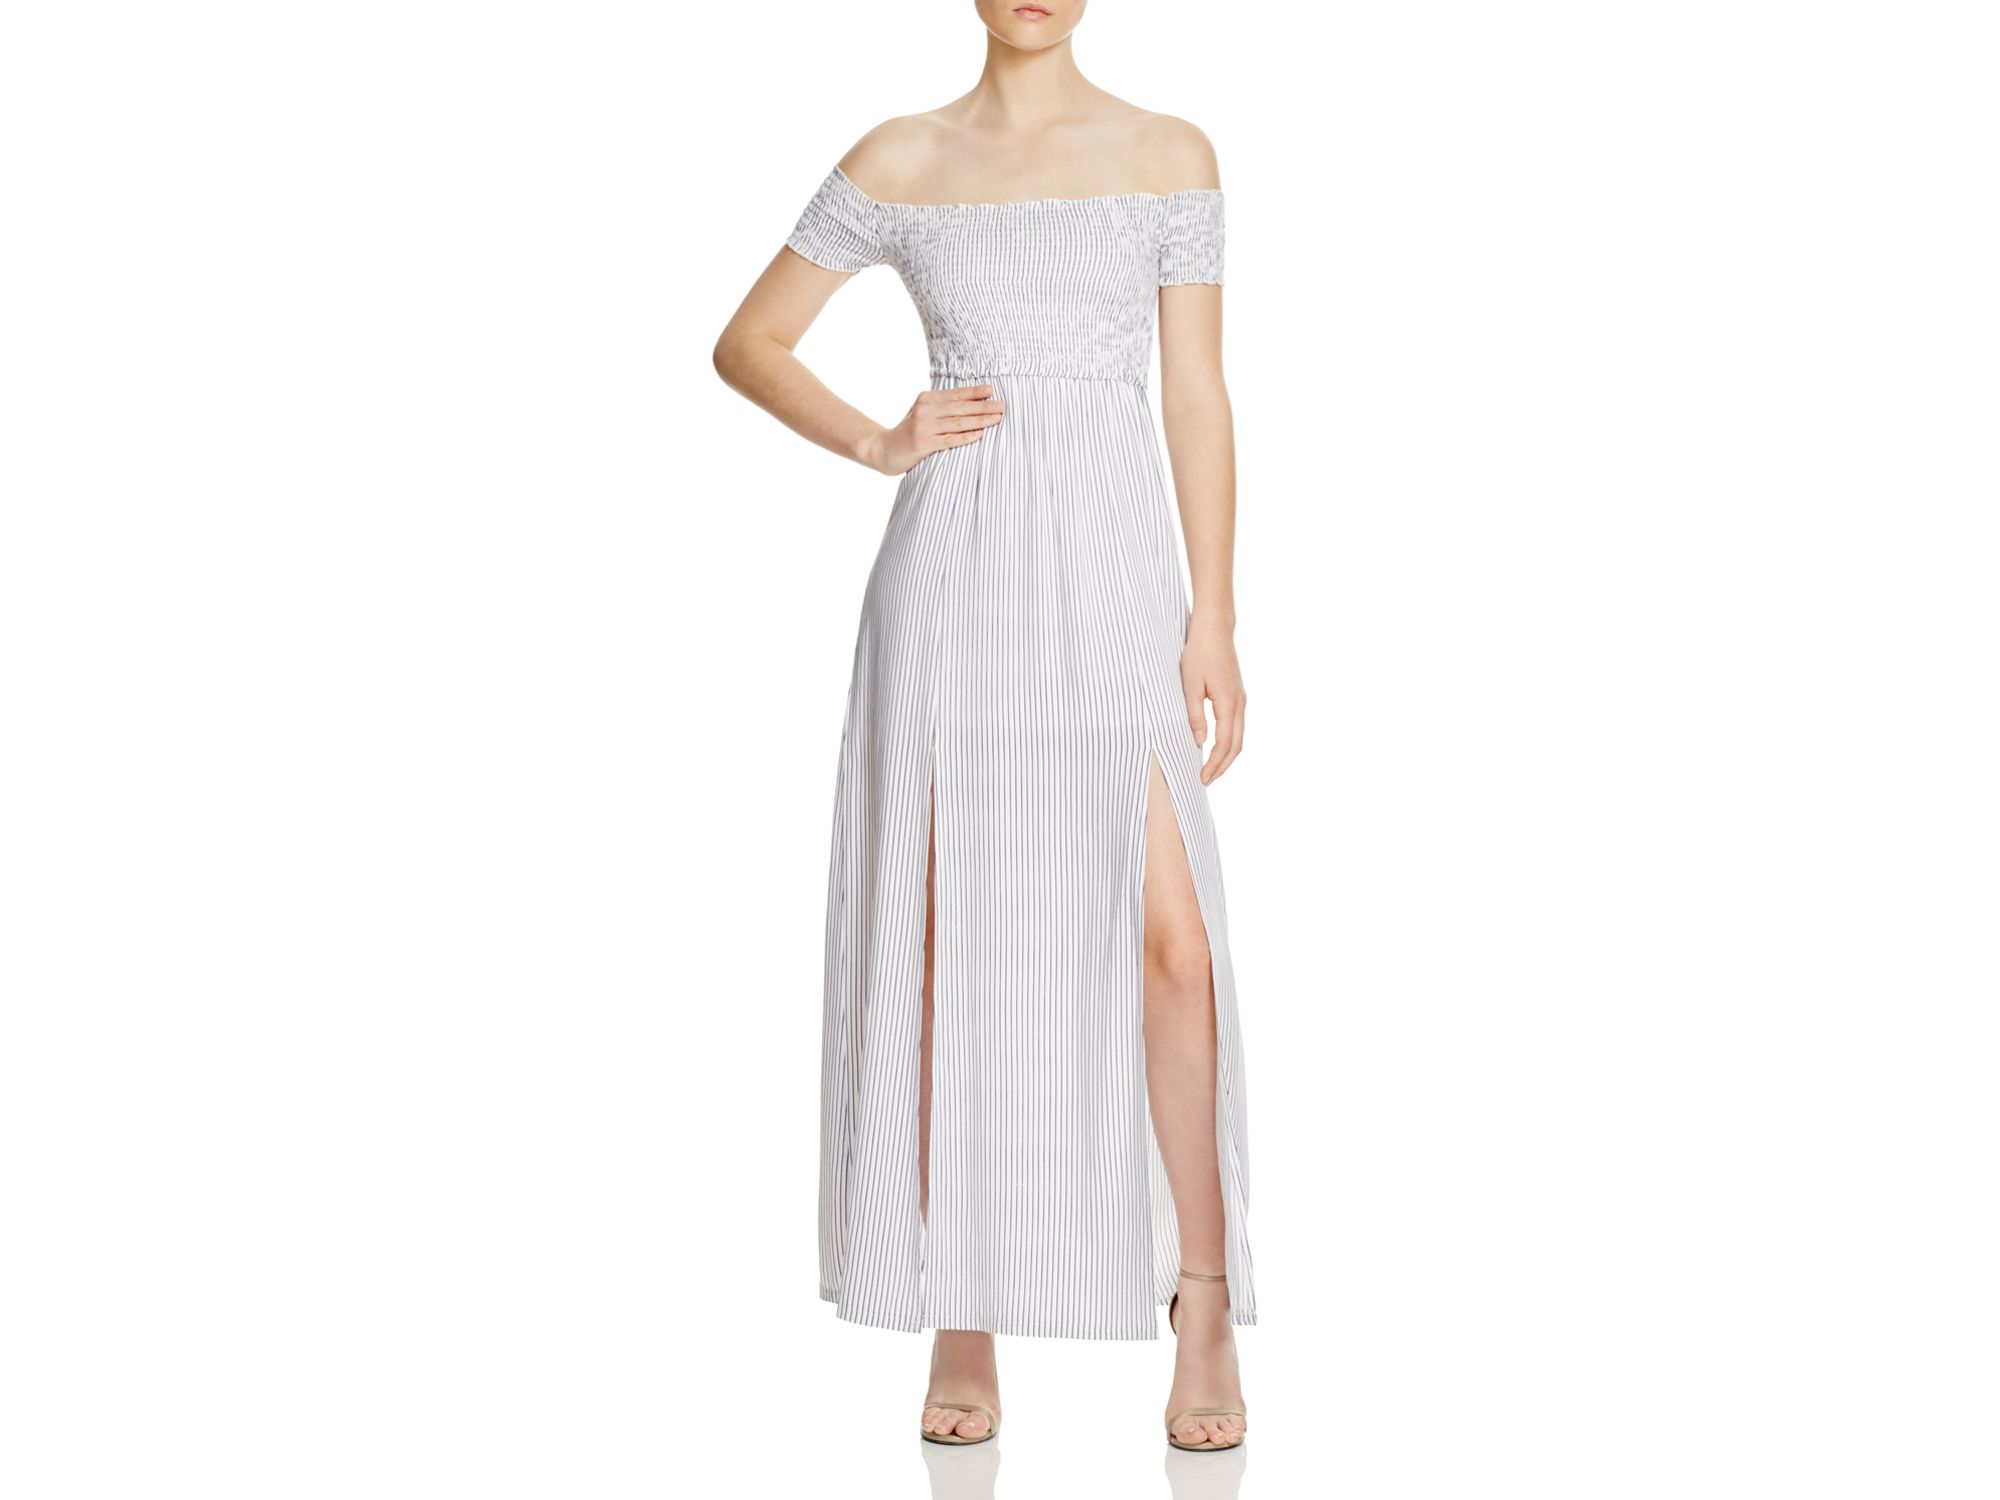 6496f87ee44d Lyst - MINKPINK Striped Off-the-shoulder Dress - Bloomingdale s ...